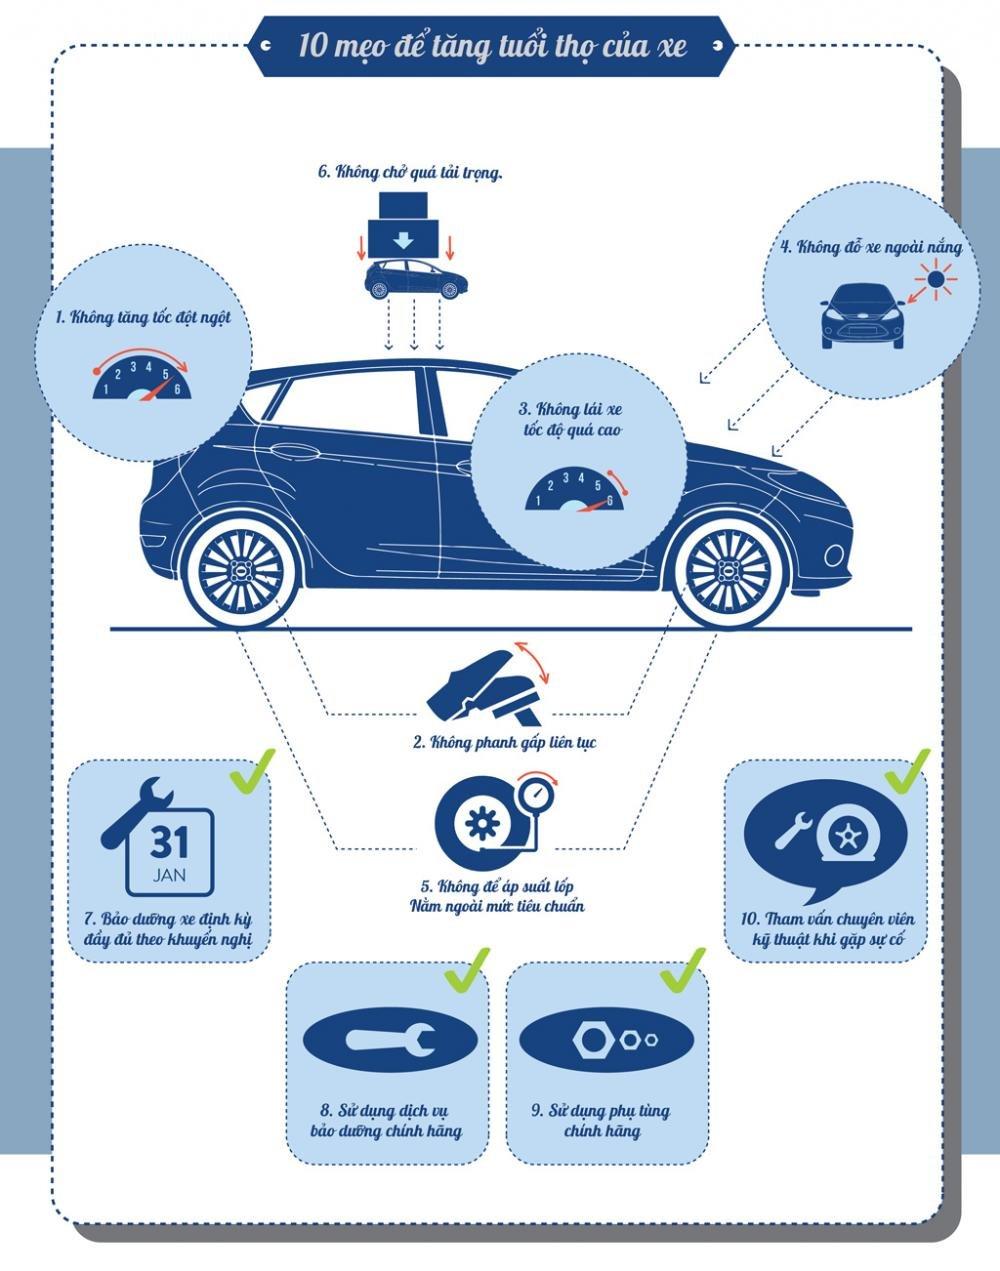 Hướng dẫn cách sử dụng xe hơi sao cho bền 1